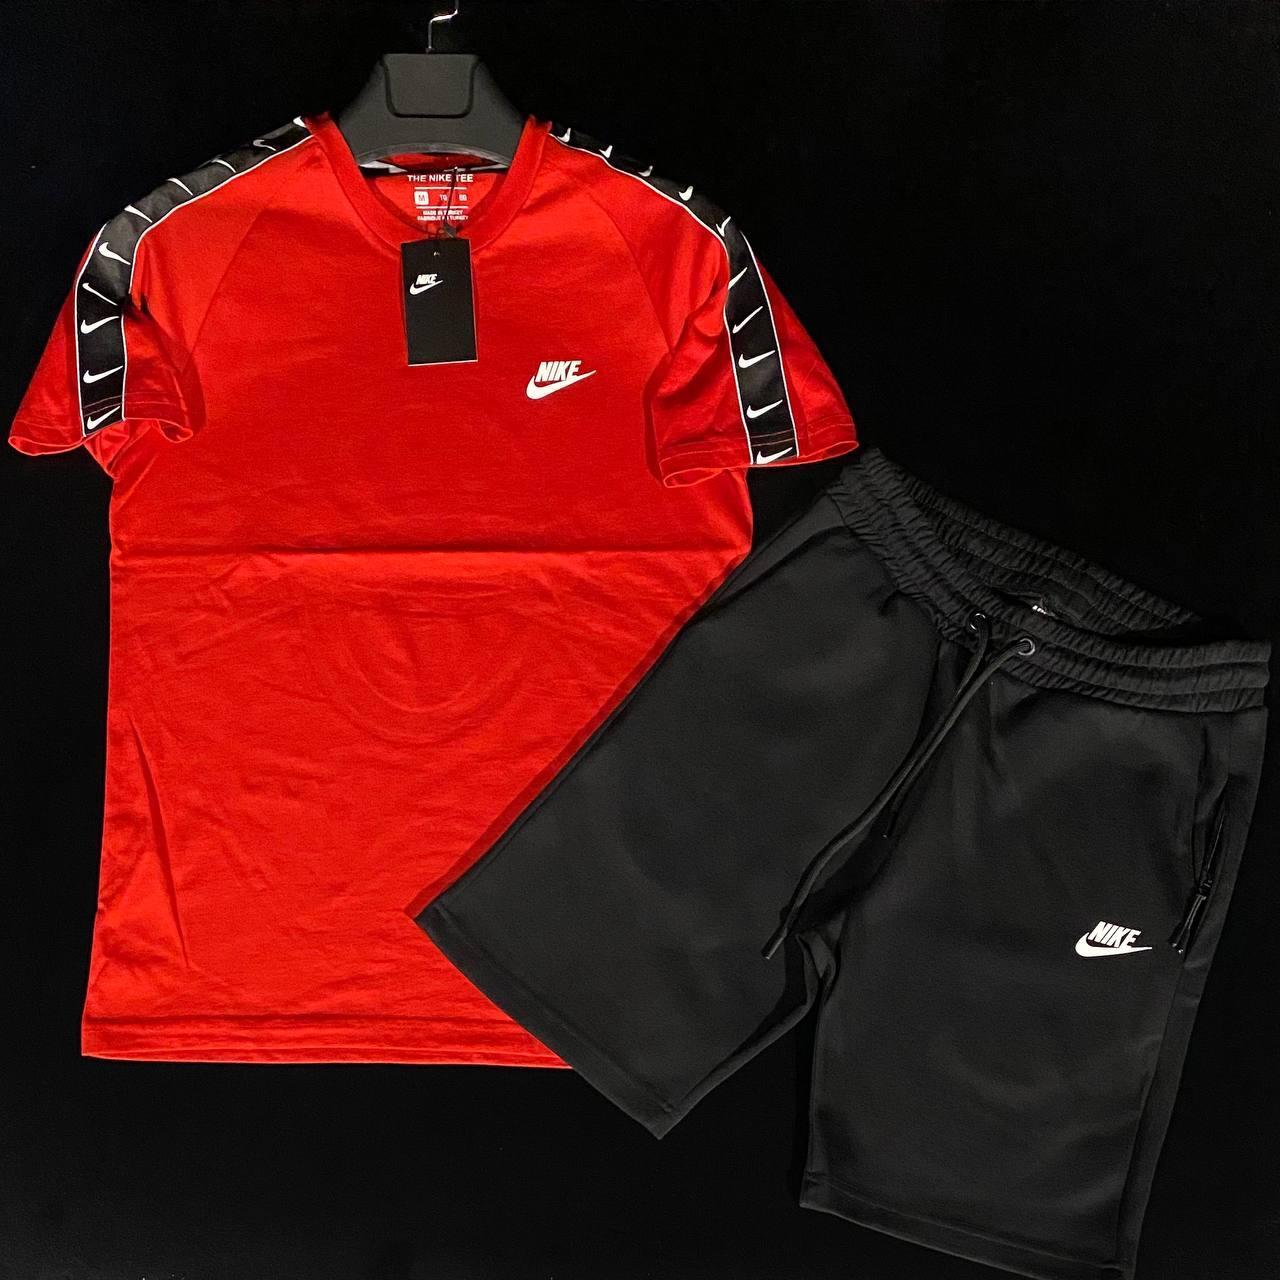 РАСПРОДАЖА Летний спортивный костюм NIKE (L/XL/XXL)